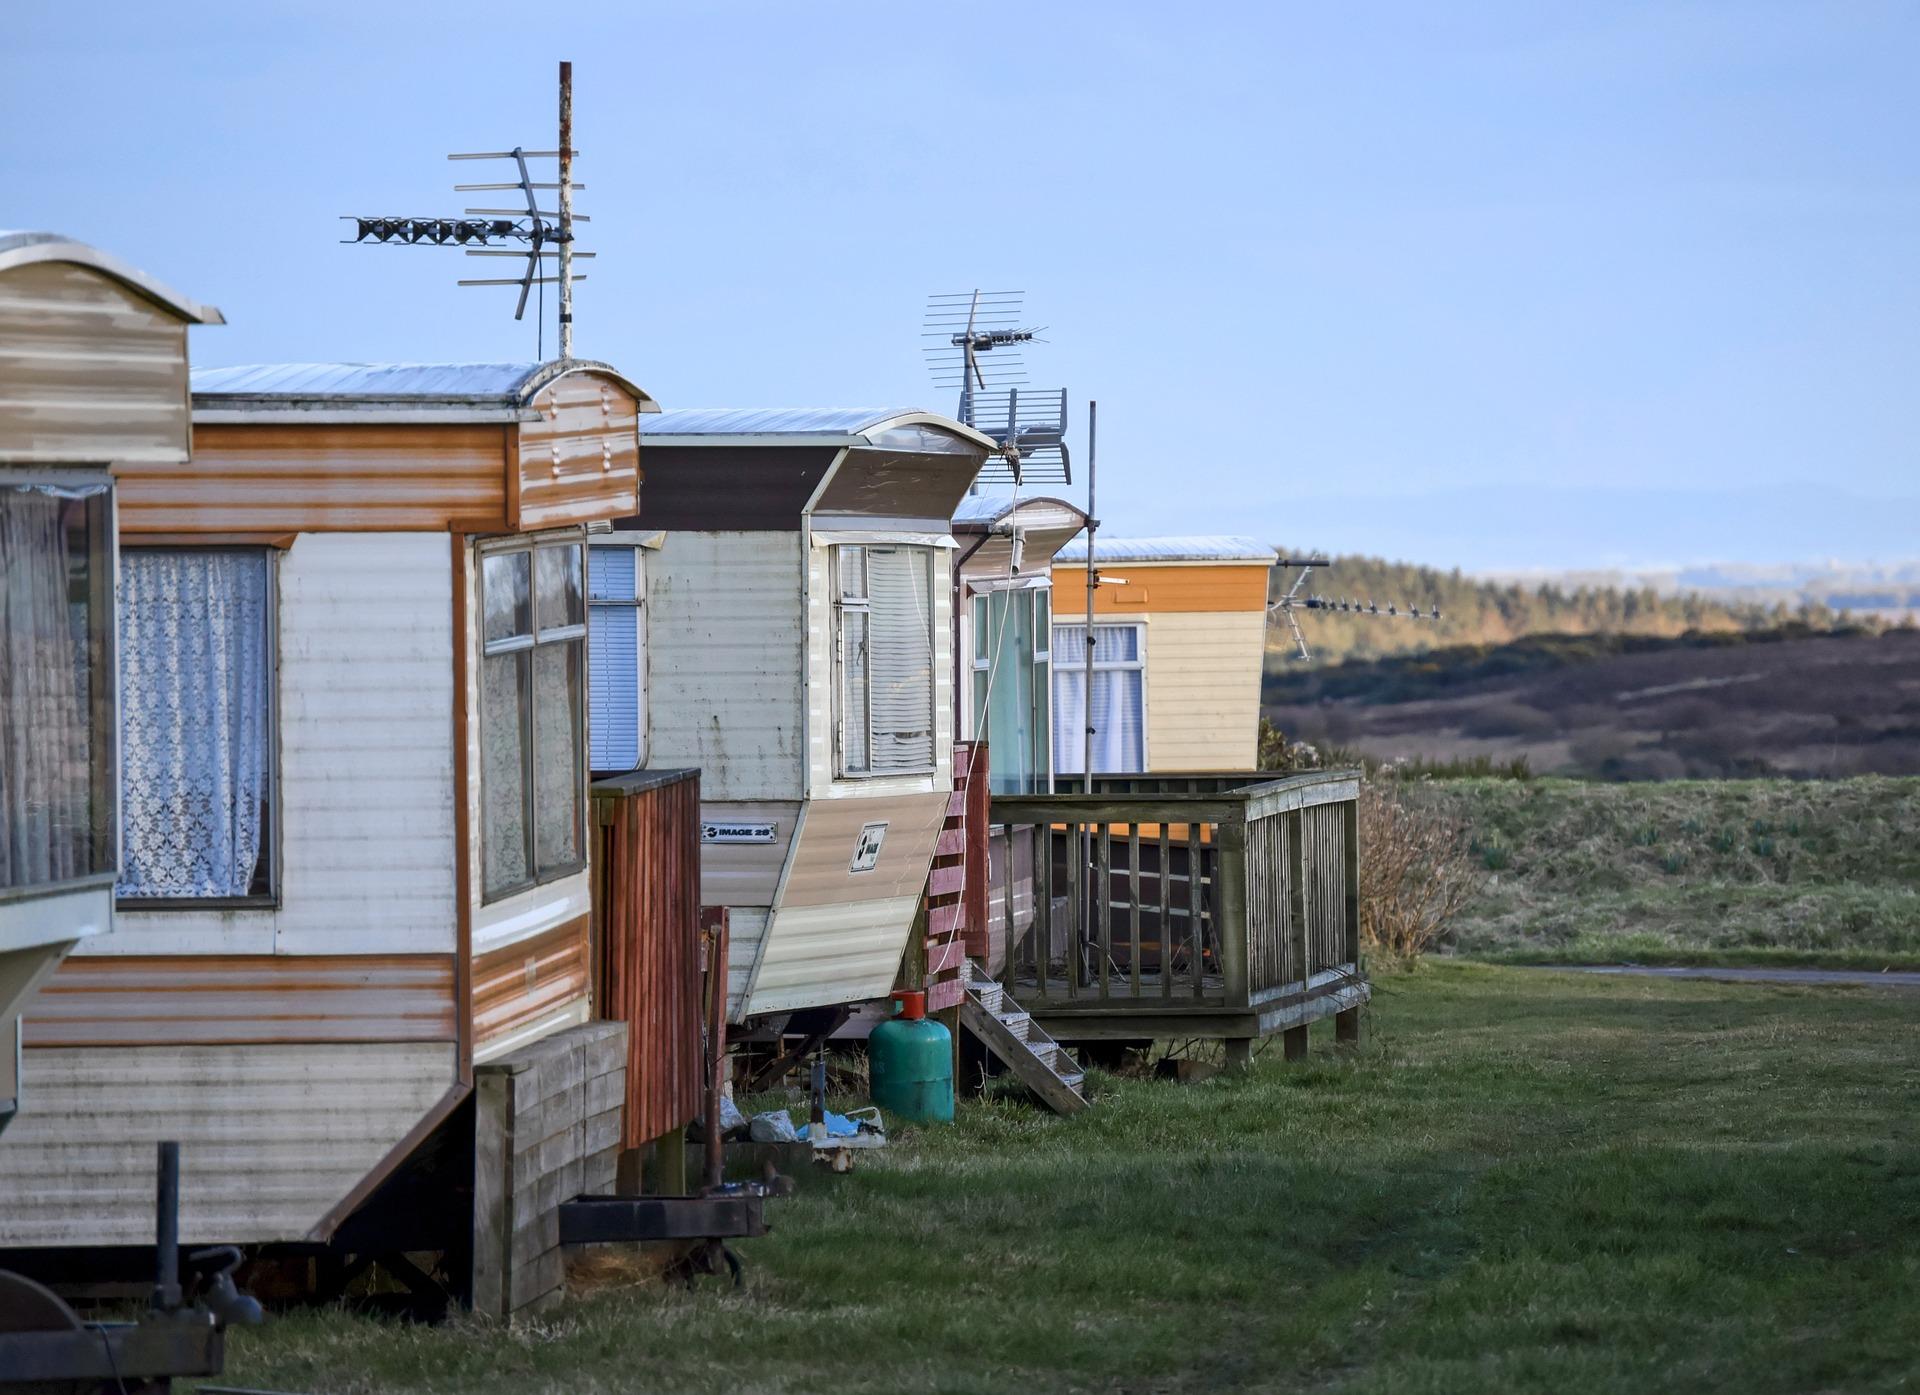 image of dirty caravan park for caravan park owners from Fennel Uk, wholesale retailer of caravan door handles